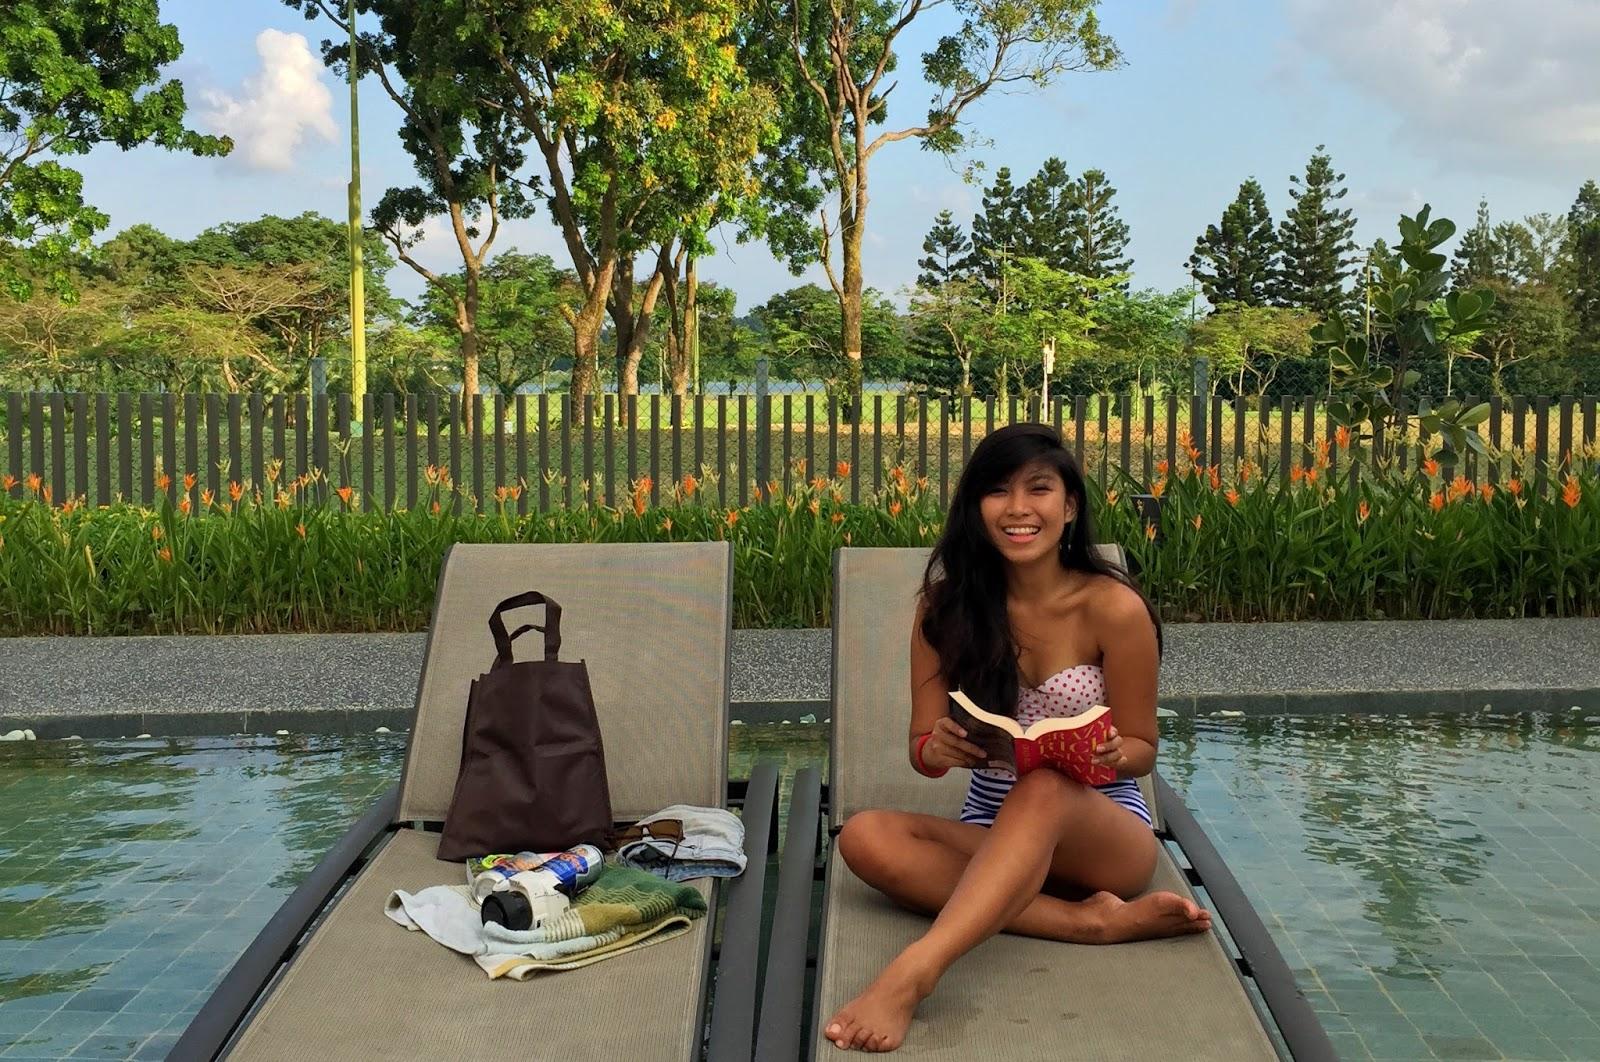 Bikini waxing singapore